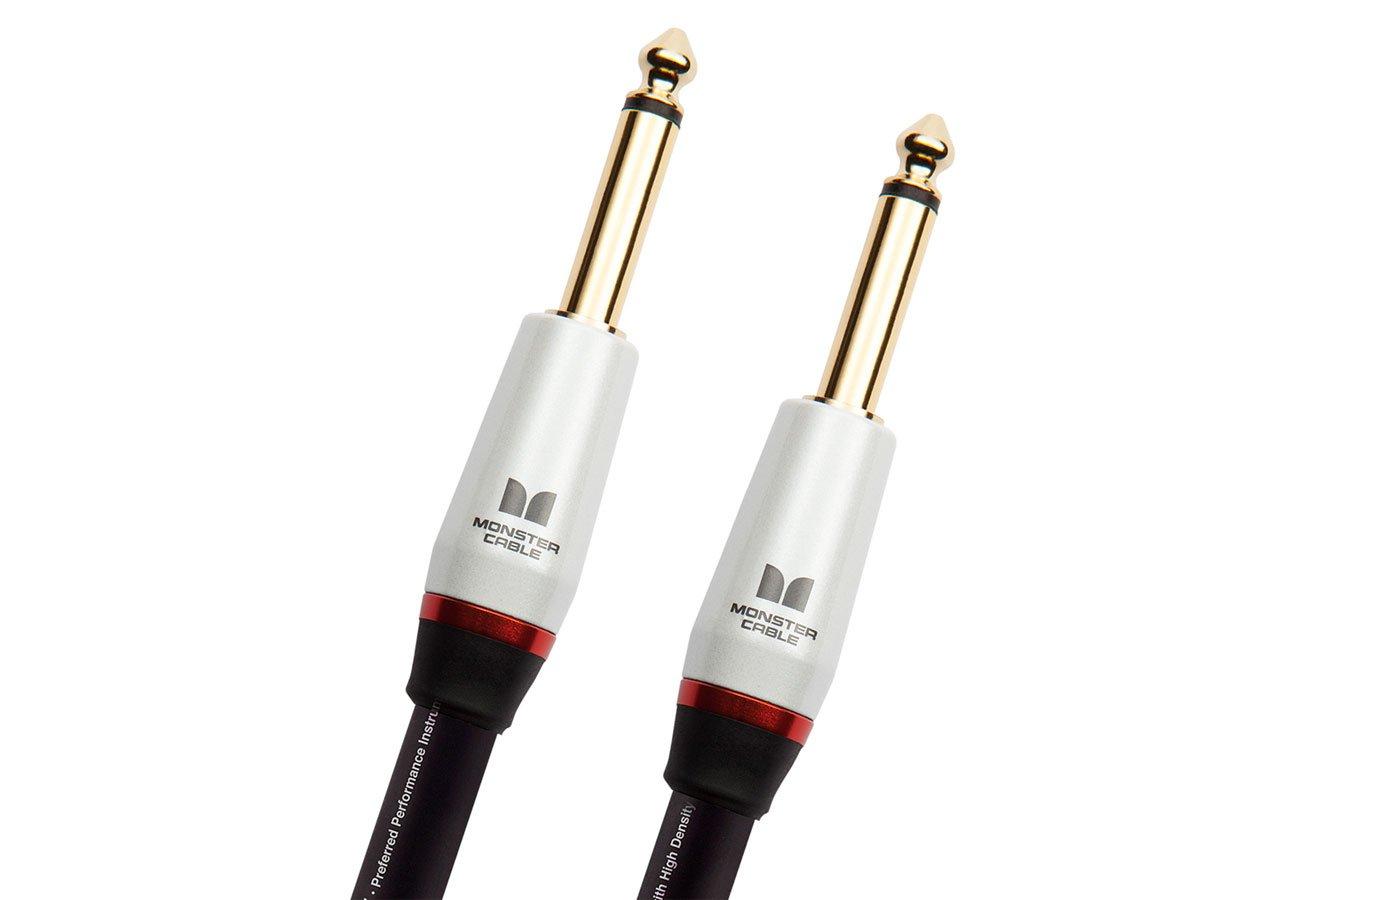 【再入荷!】 Monster Cable Cable Series SP2000-I-21 S-S Studio pro2000 Series 楽器用ケーブル/ プラグ S-S/ケーブル長:約6.4m B00L2F8G4E, THE ITAYA OUTLOW SERVICE:6ca2c08f --- arianechie.dominiotemporario.com